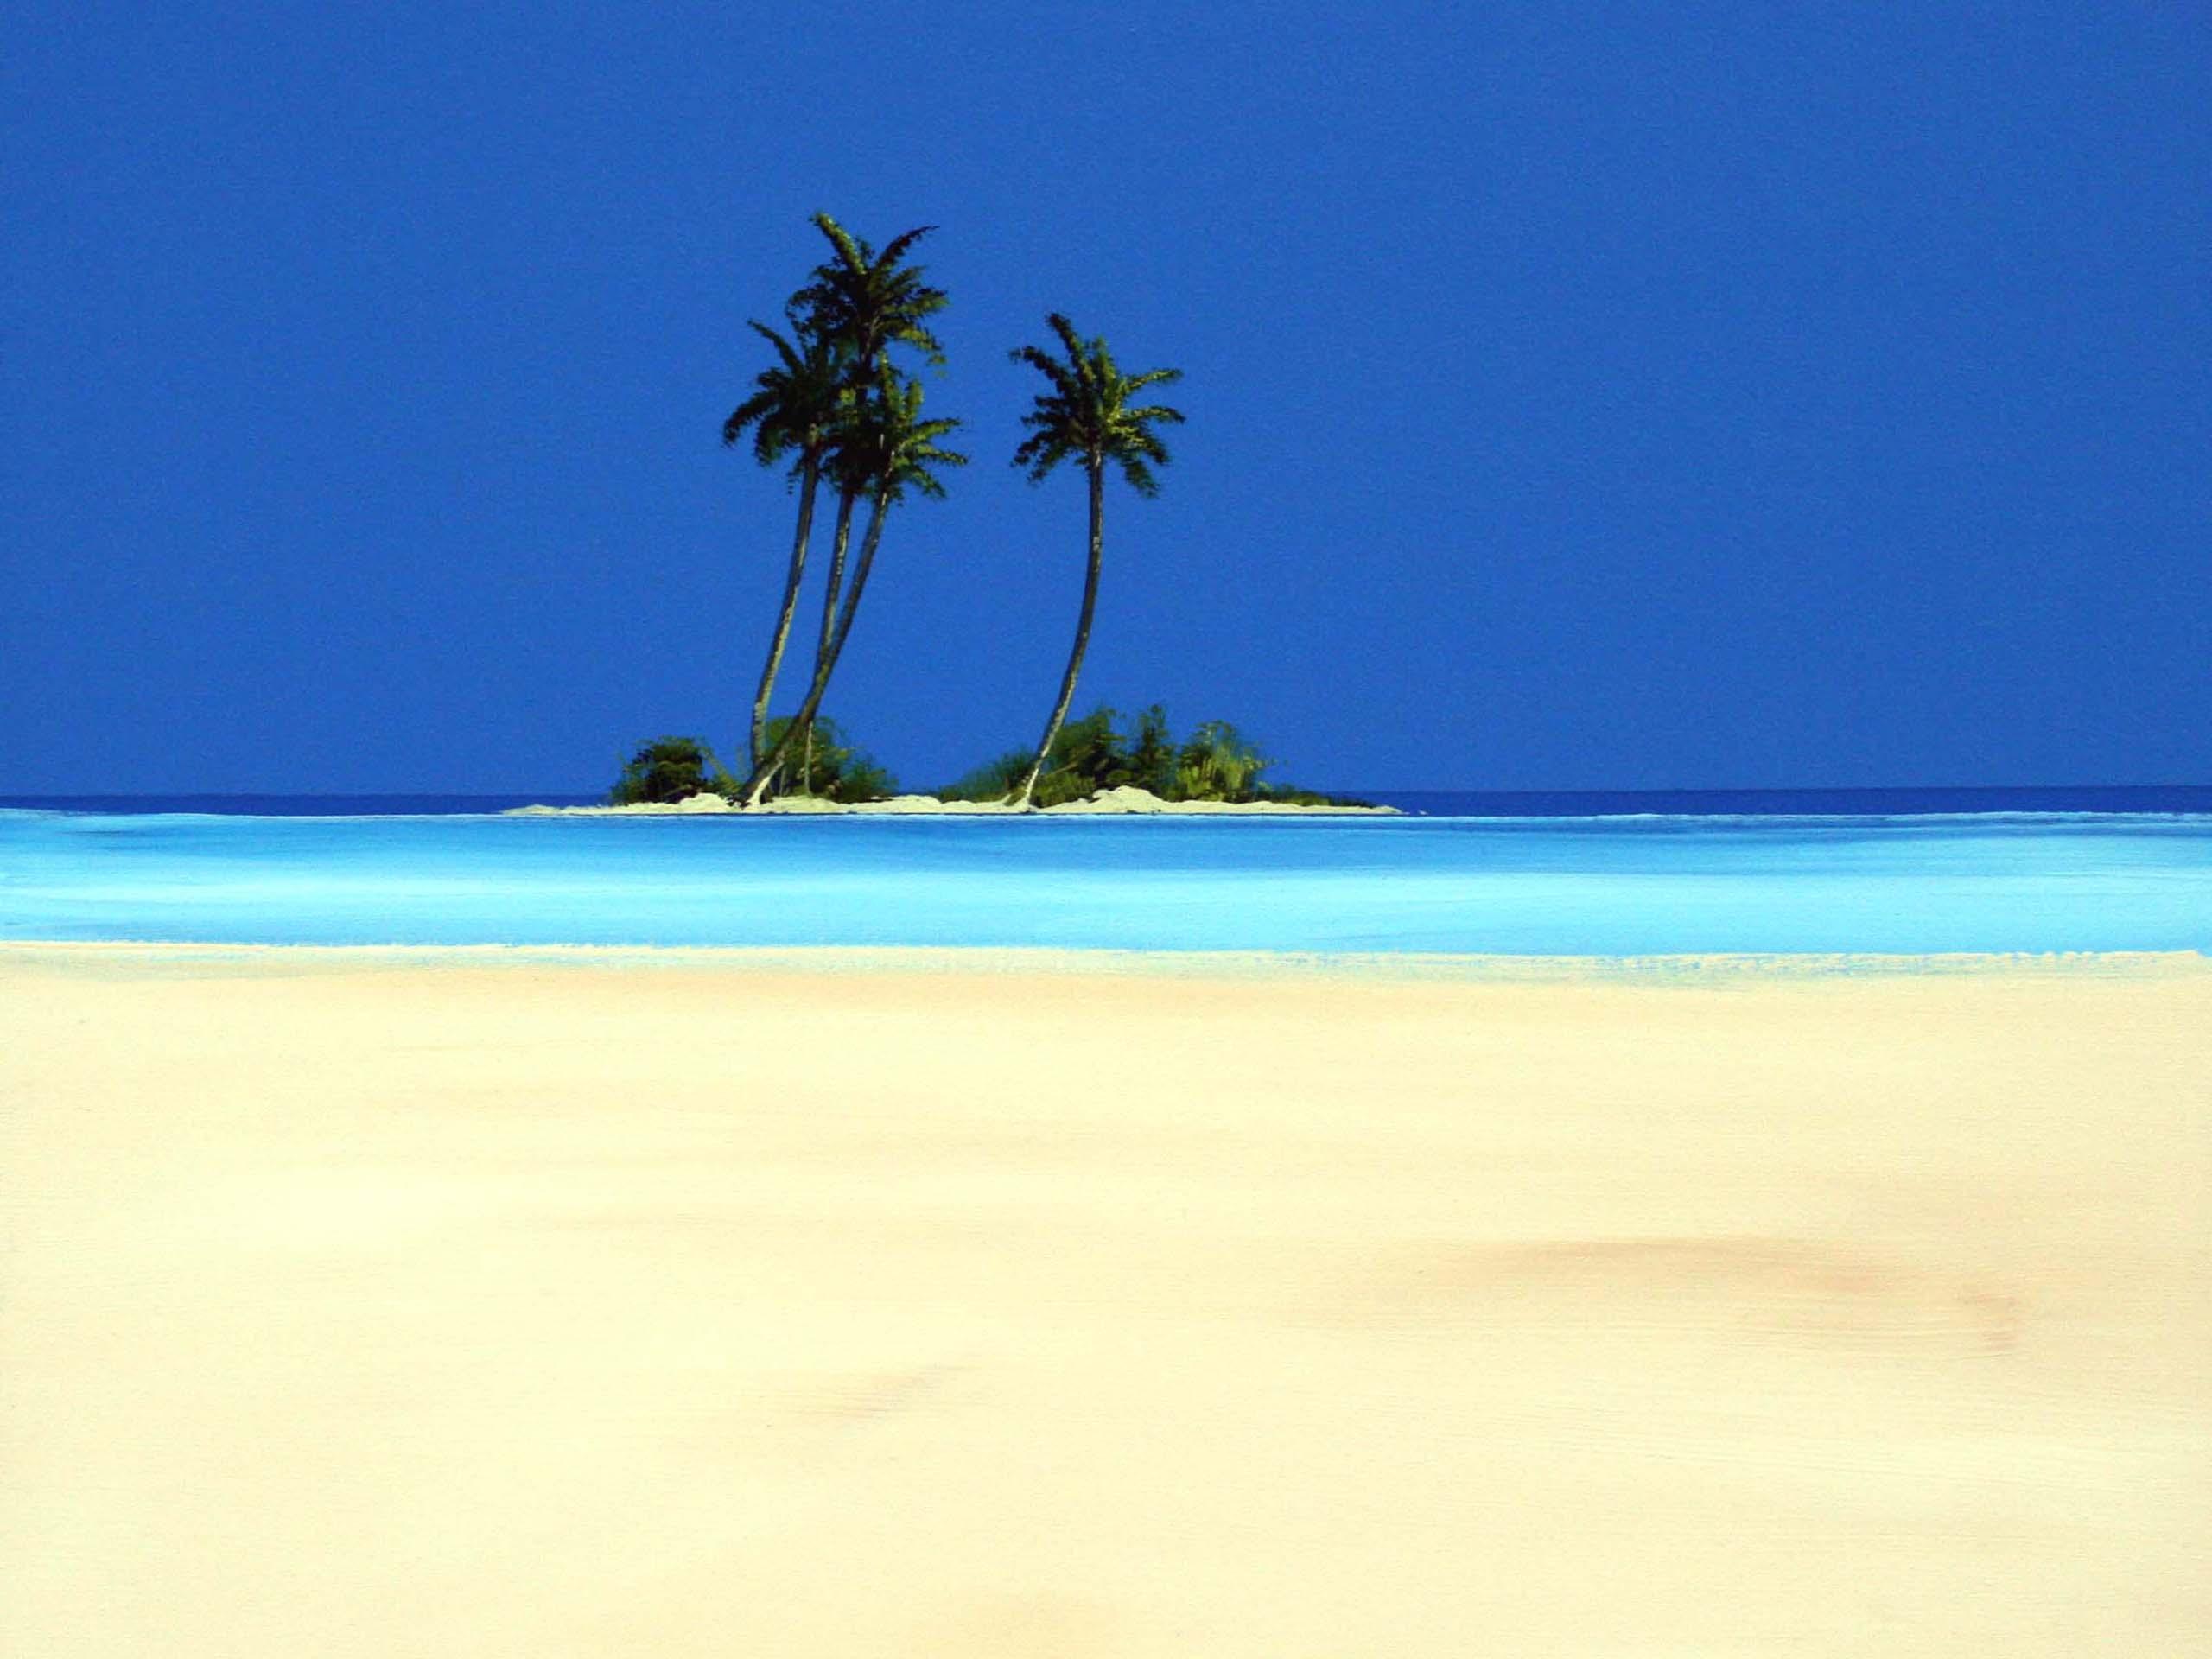 beach paradise beaches - photo #4